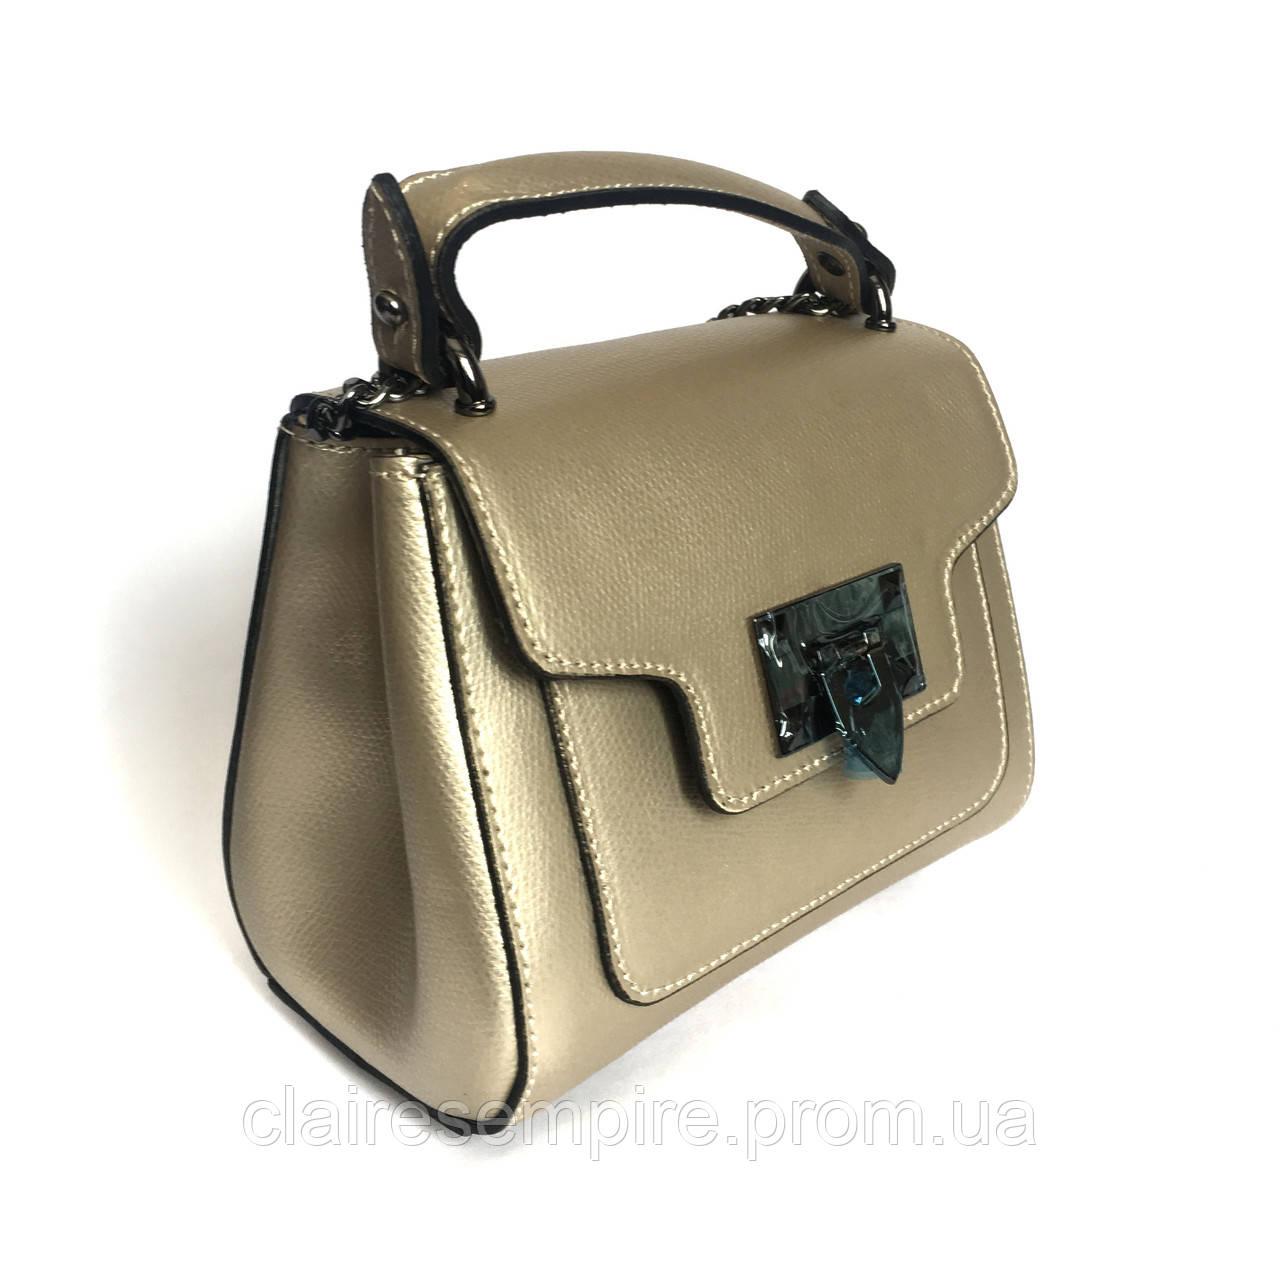 Маленькая сумочка, кожа, Италия, бледное золото